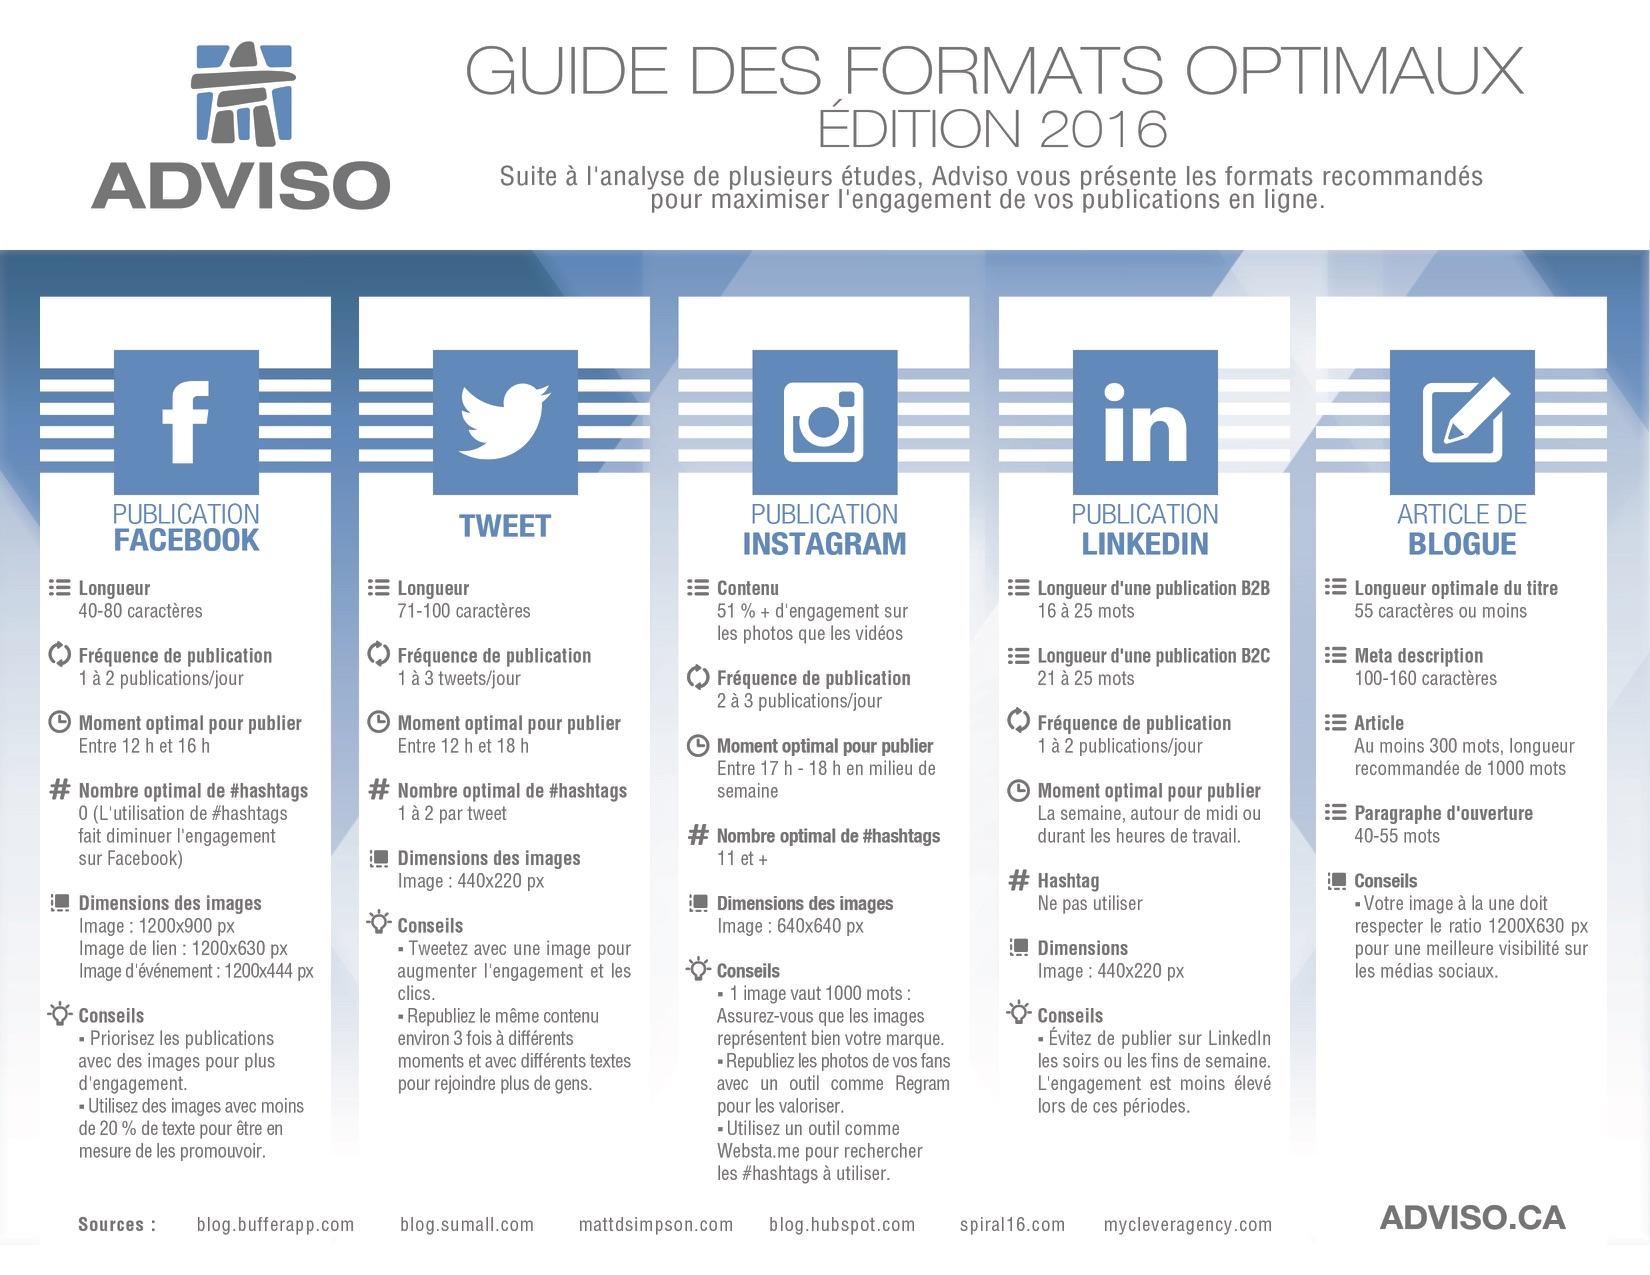 formats optiaux réseaux soicaux : maximiser l'engagement de vos publications